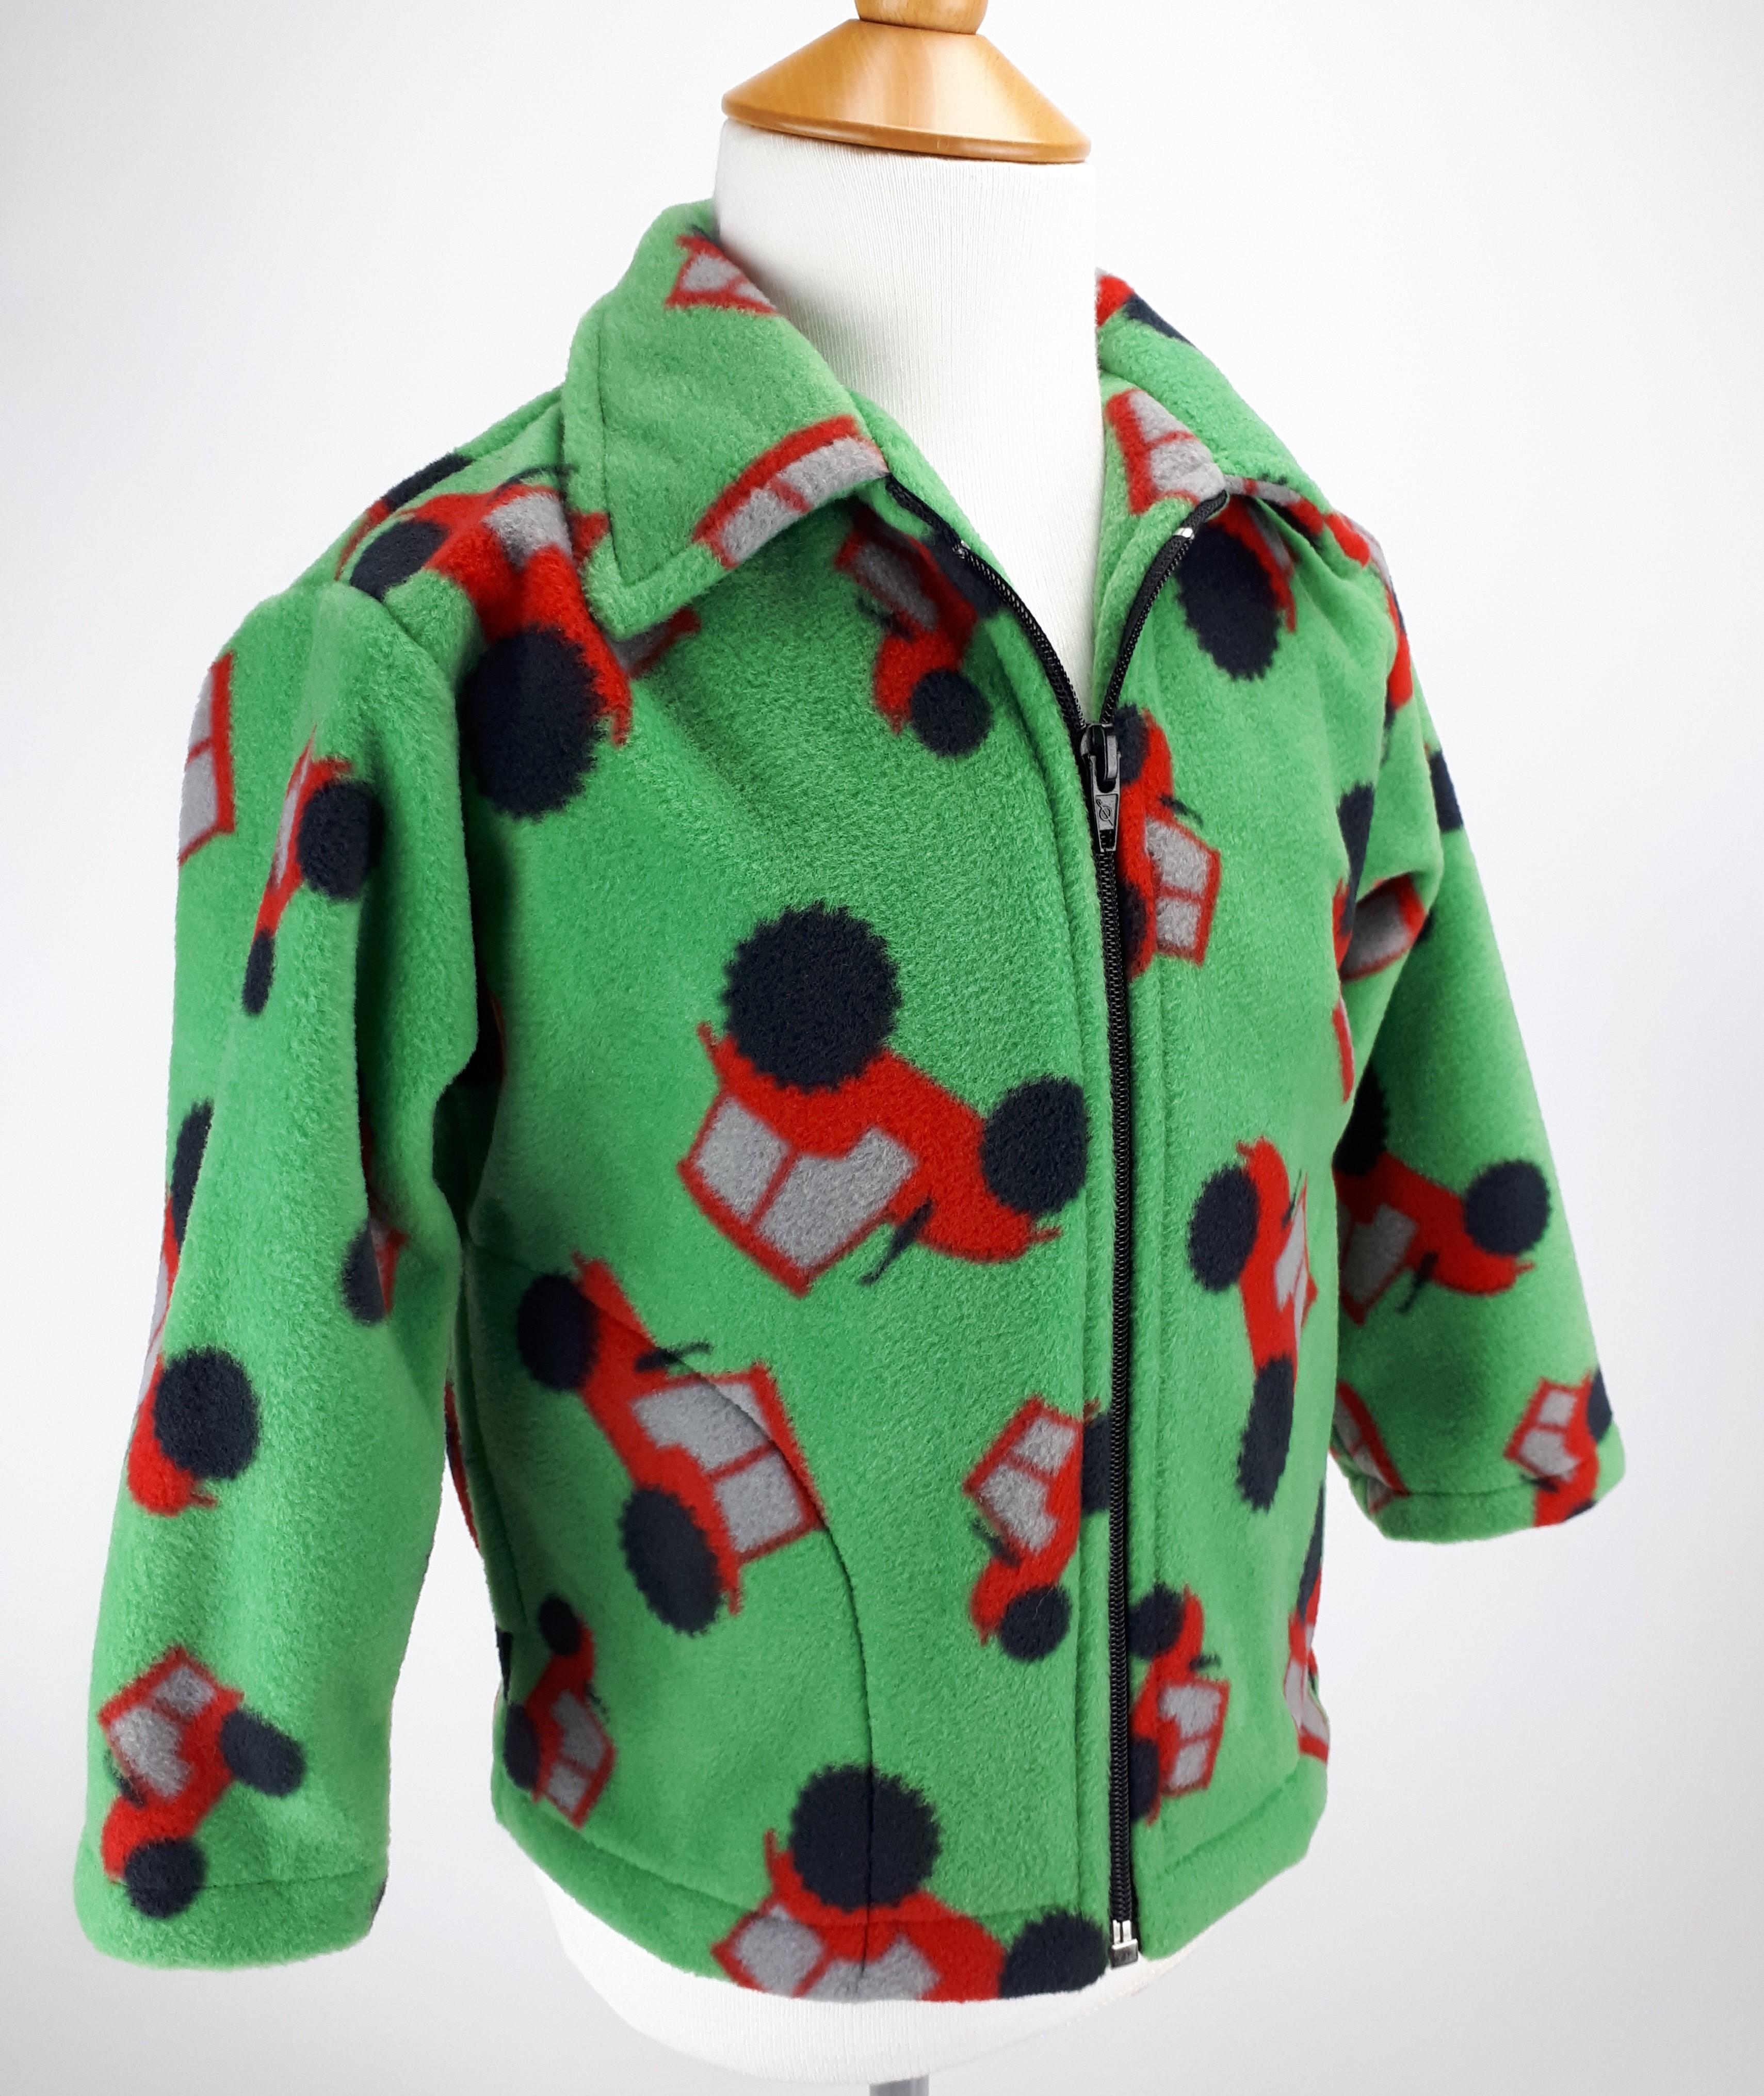 Green Tractors Jacket